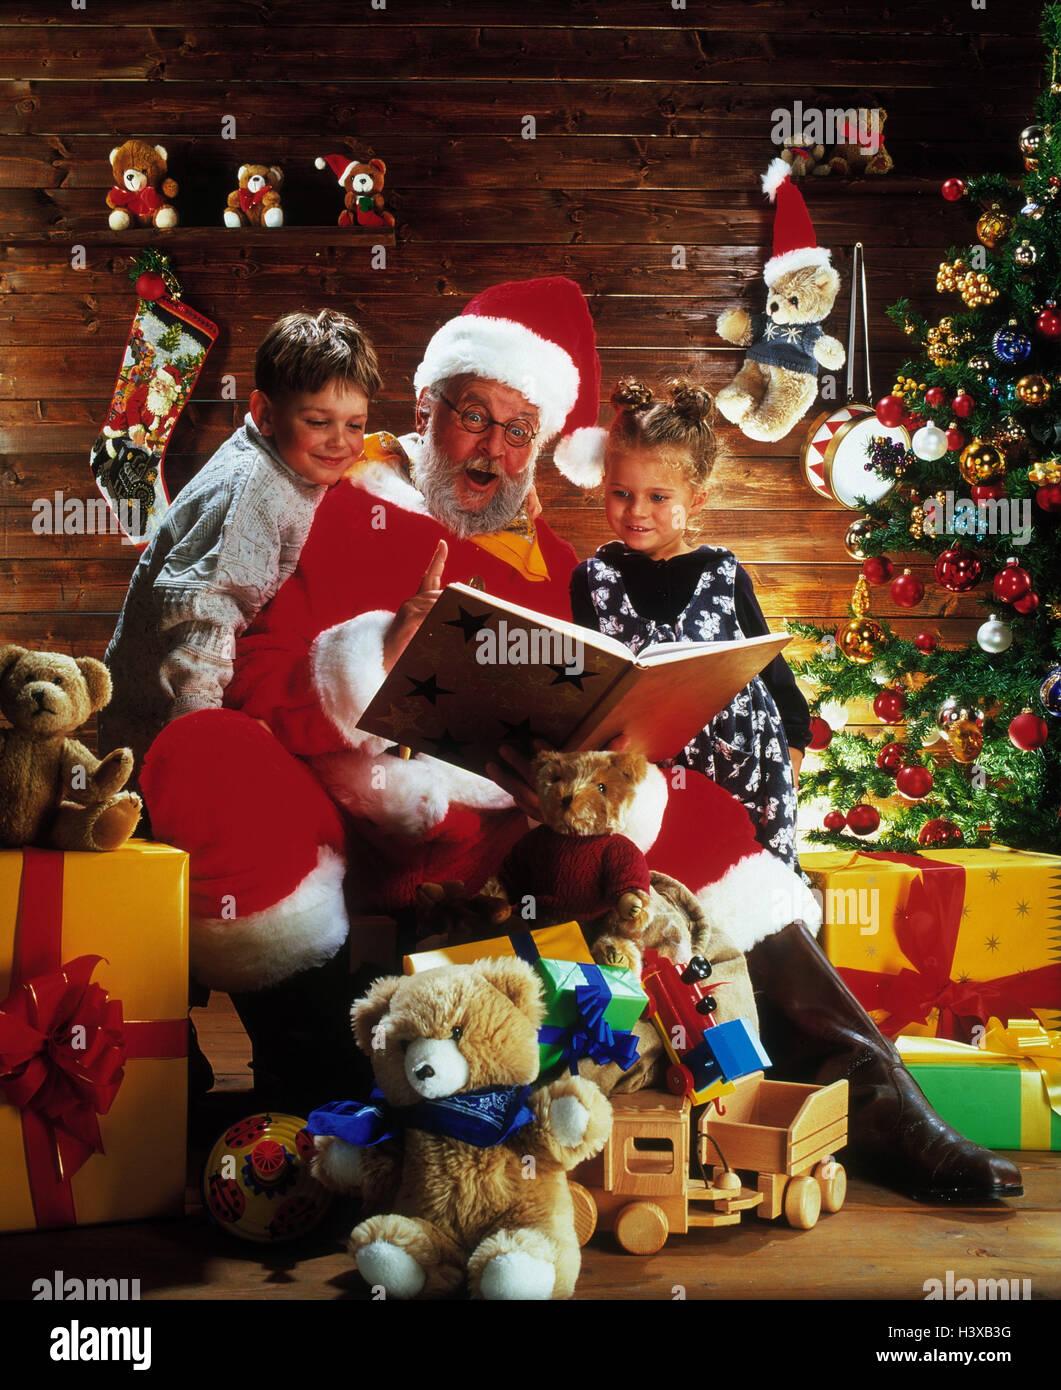 Buch Geschenk Weihnachten.Weihnachtsmann Kinder Buch Weihnachtsgeschichte Lesen